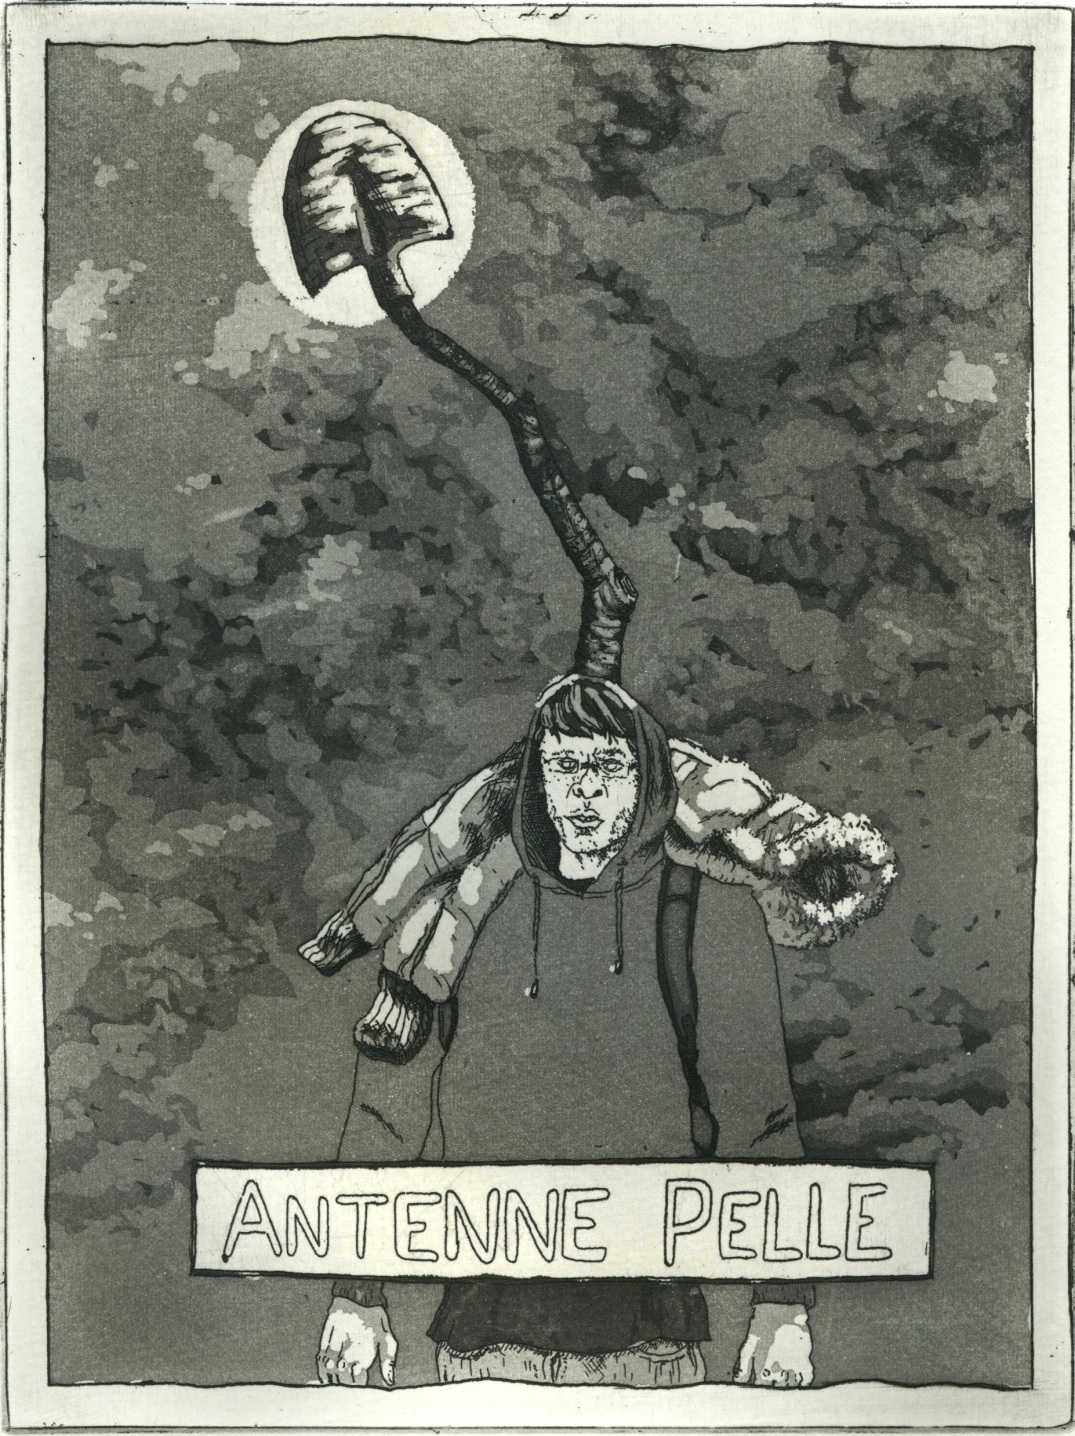 Antenne pelle